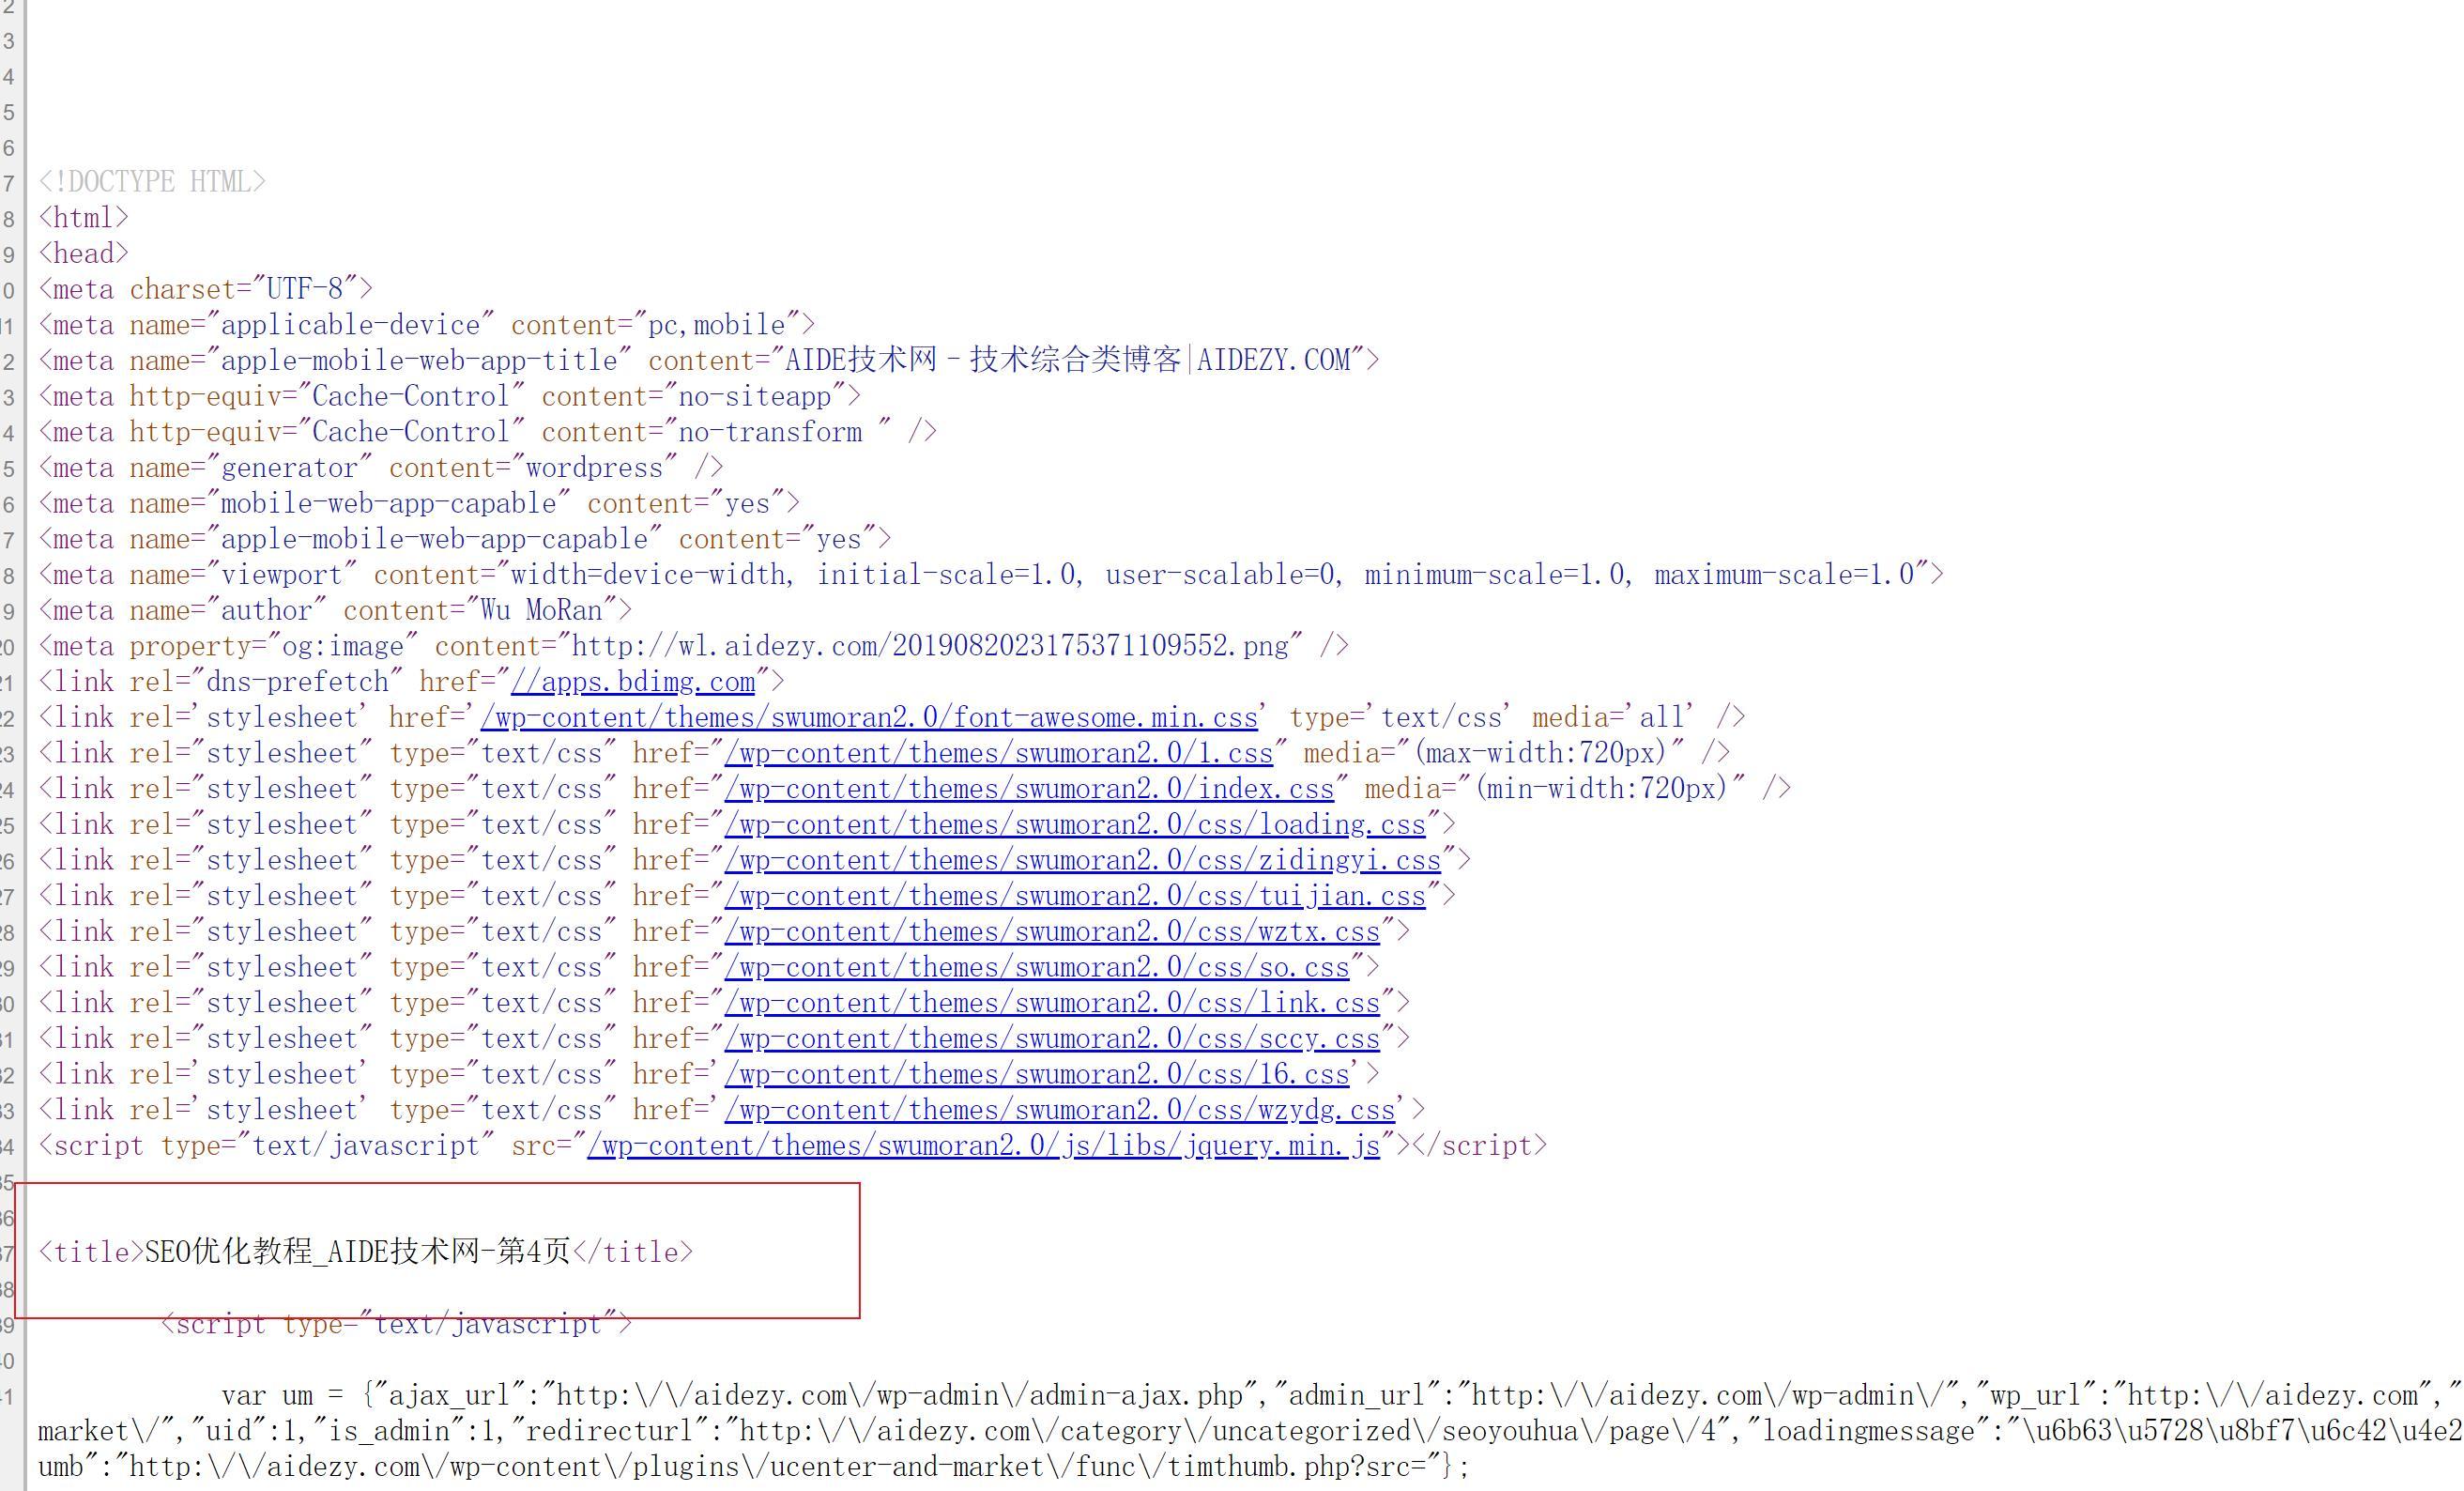 网站优化中,那些因素会引起网站降权?|正文2